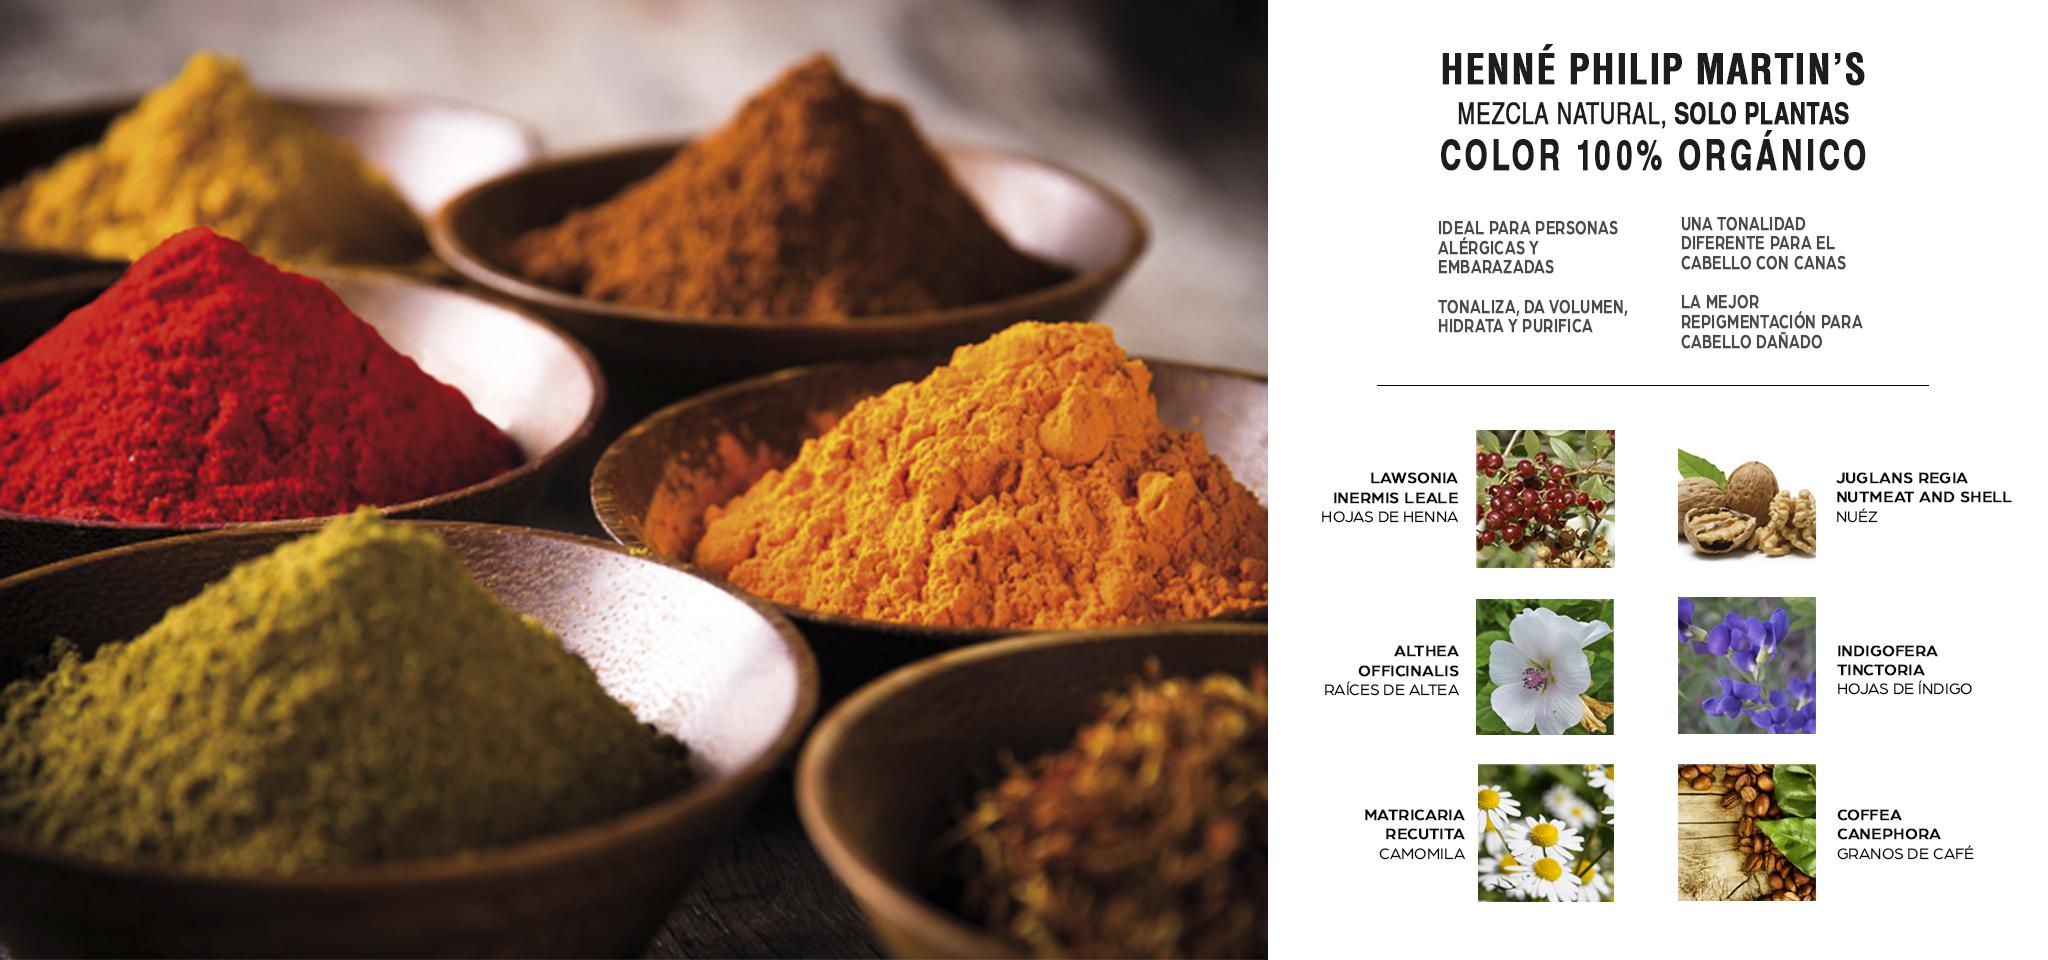 Barros-orgánicos-henna